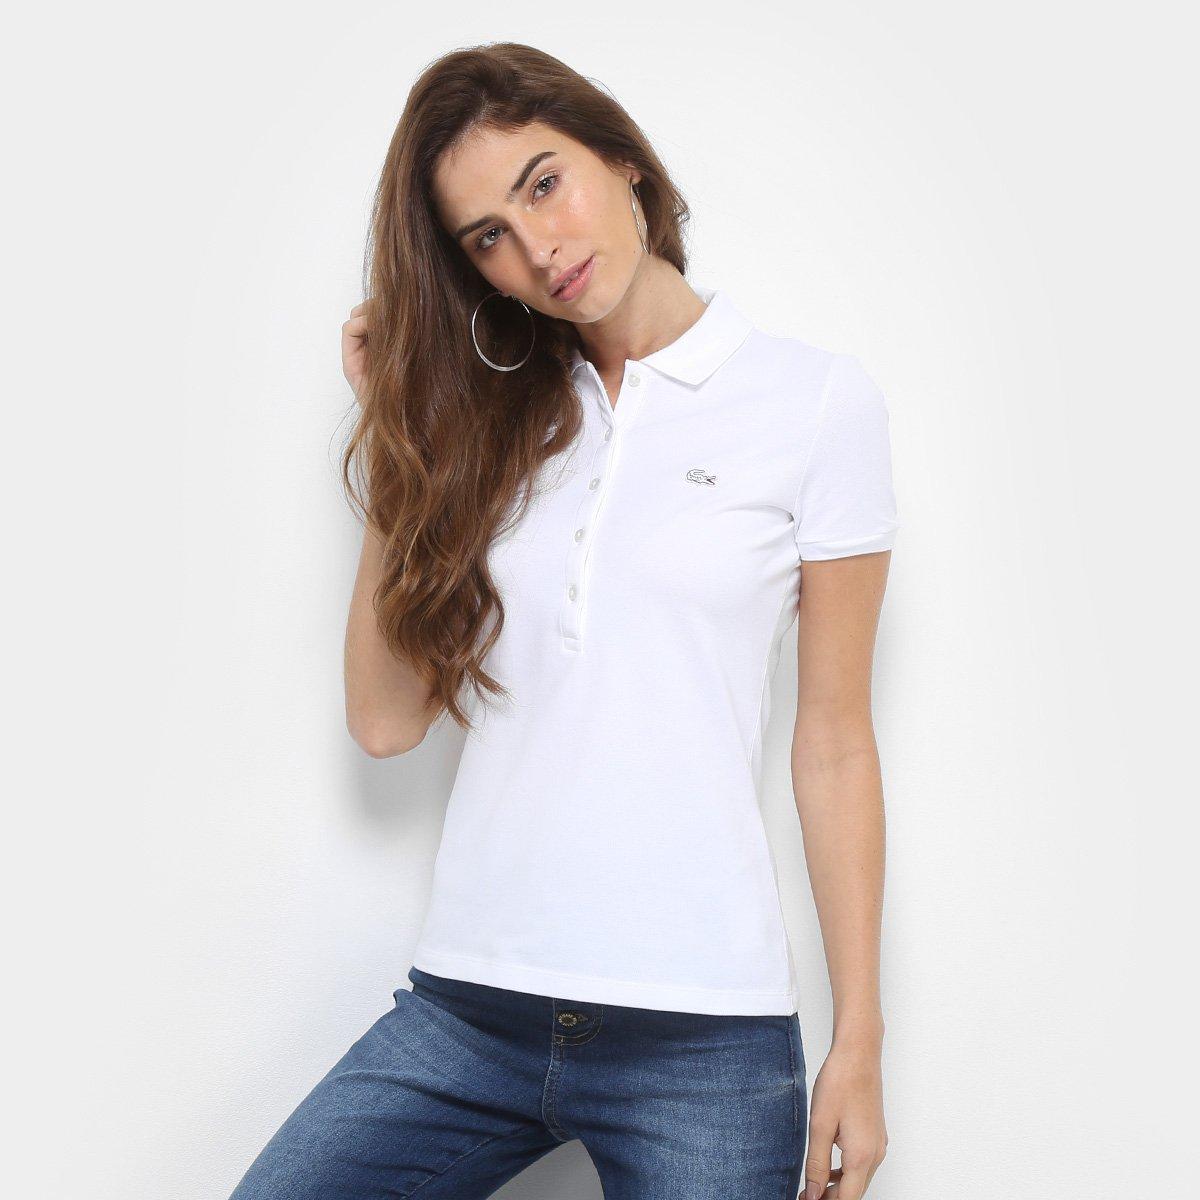 Camisa Polo Lacoste Manga Curta Botões Feminina - Compre Agora ... 58634838c9701